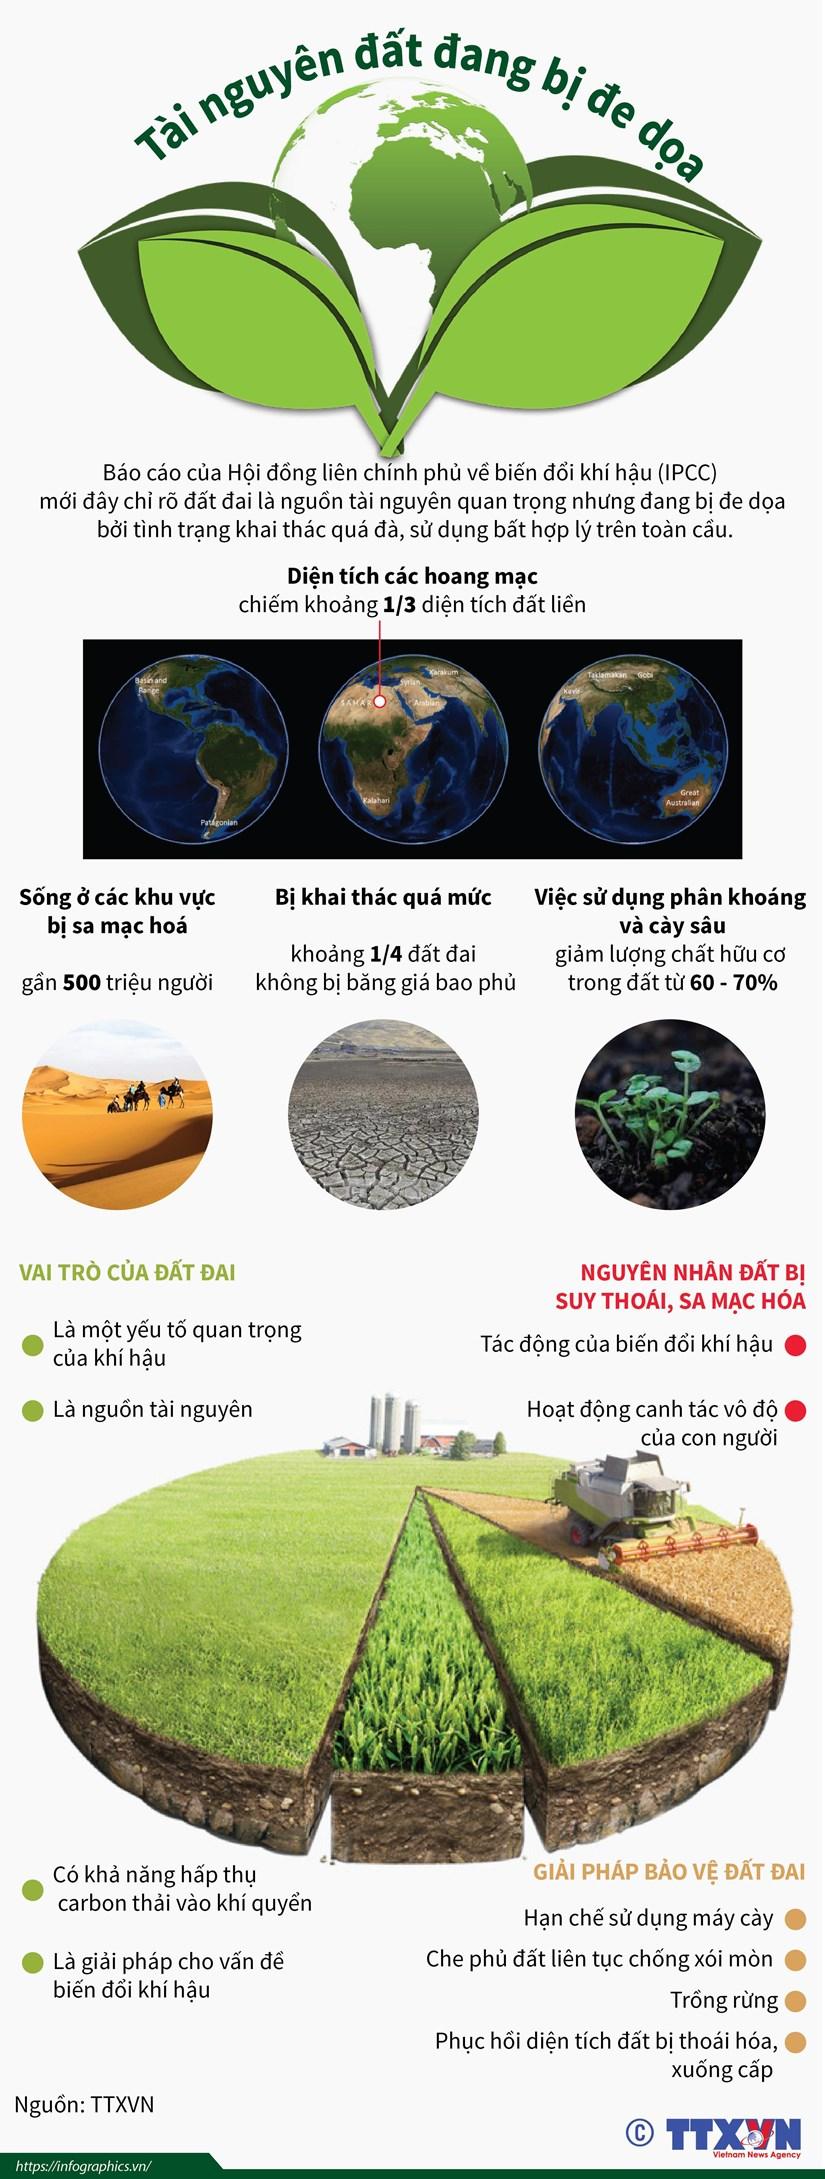 infographics tai nguyen dat tren toan the gioi dang bi de doa